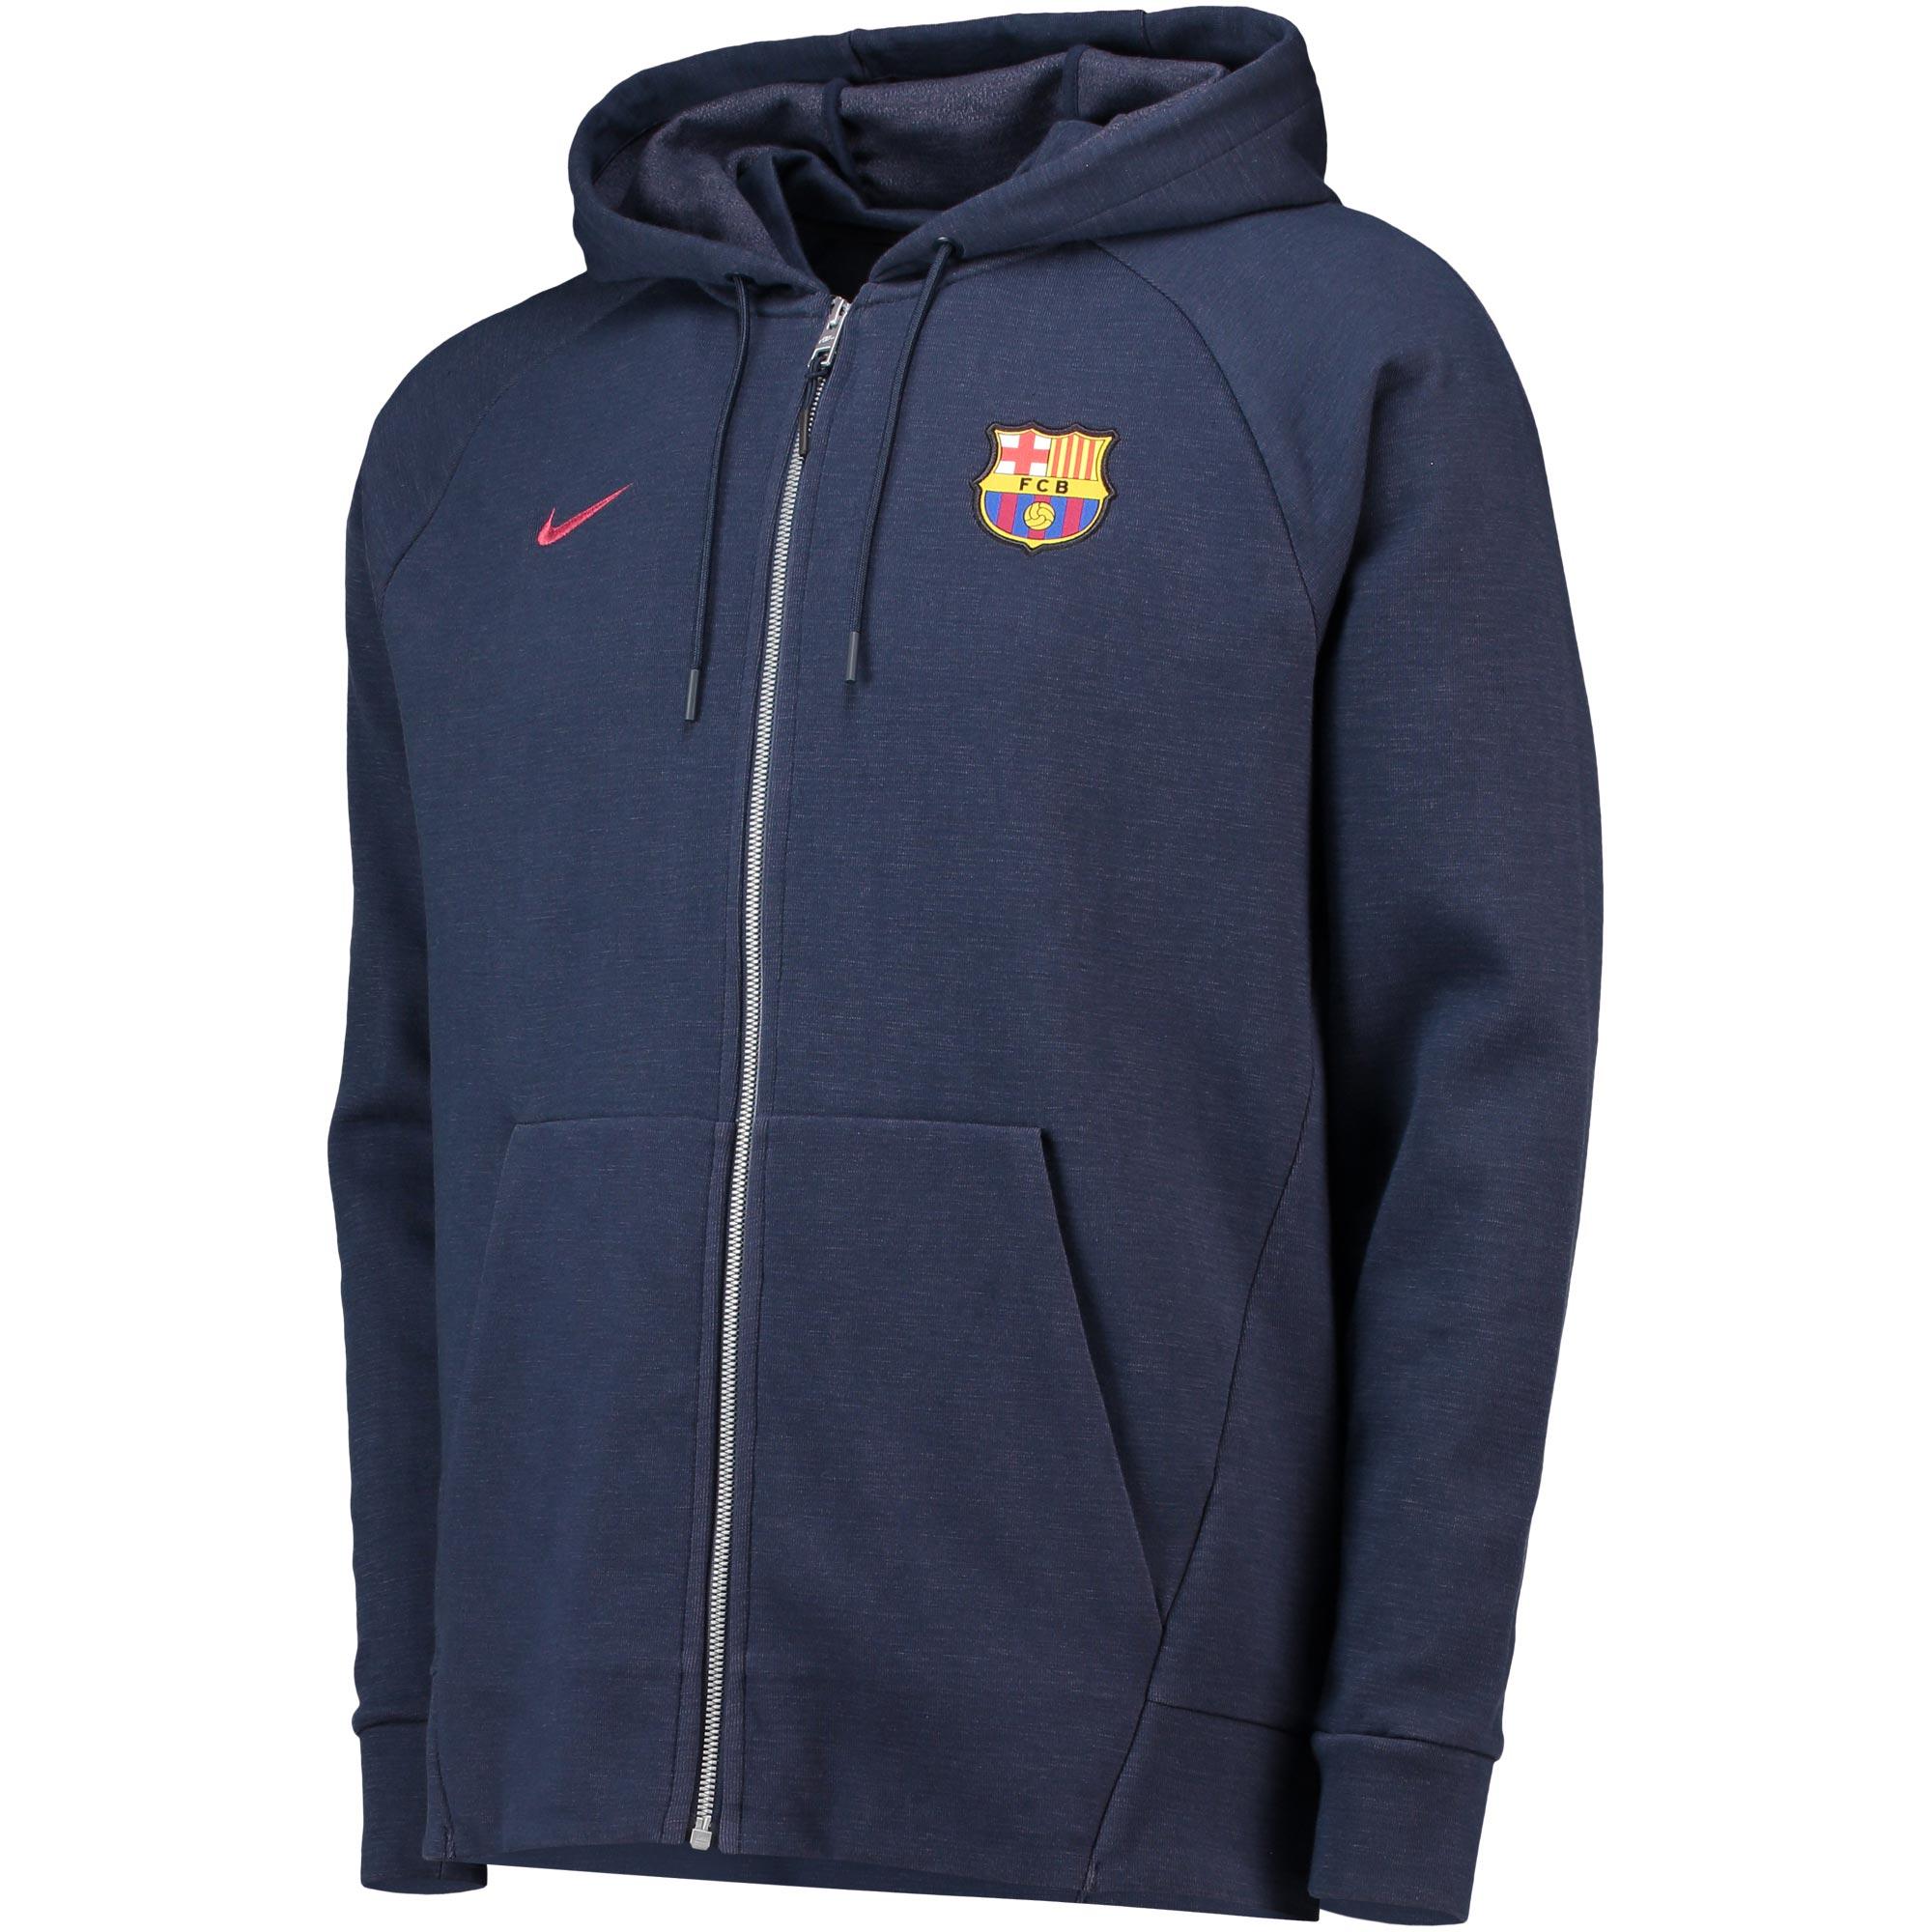 Nike FC Barcelona mikina pánska - SKLADOM 754c37b564c